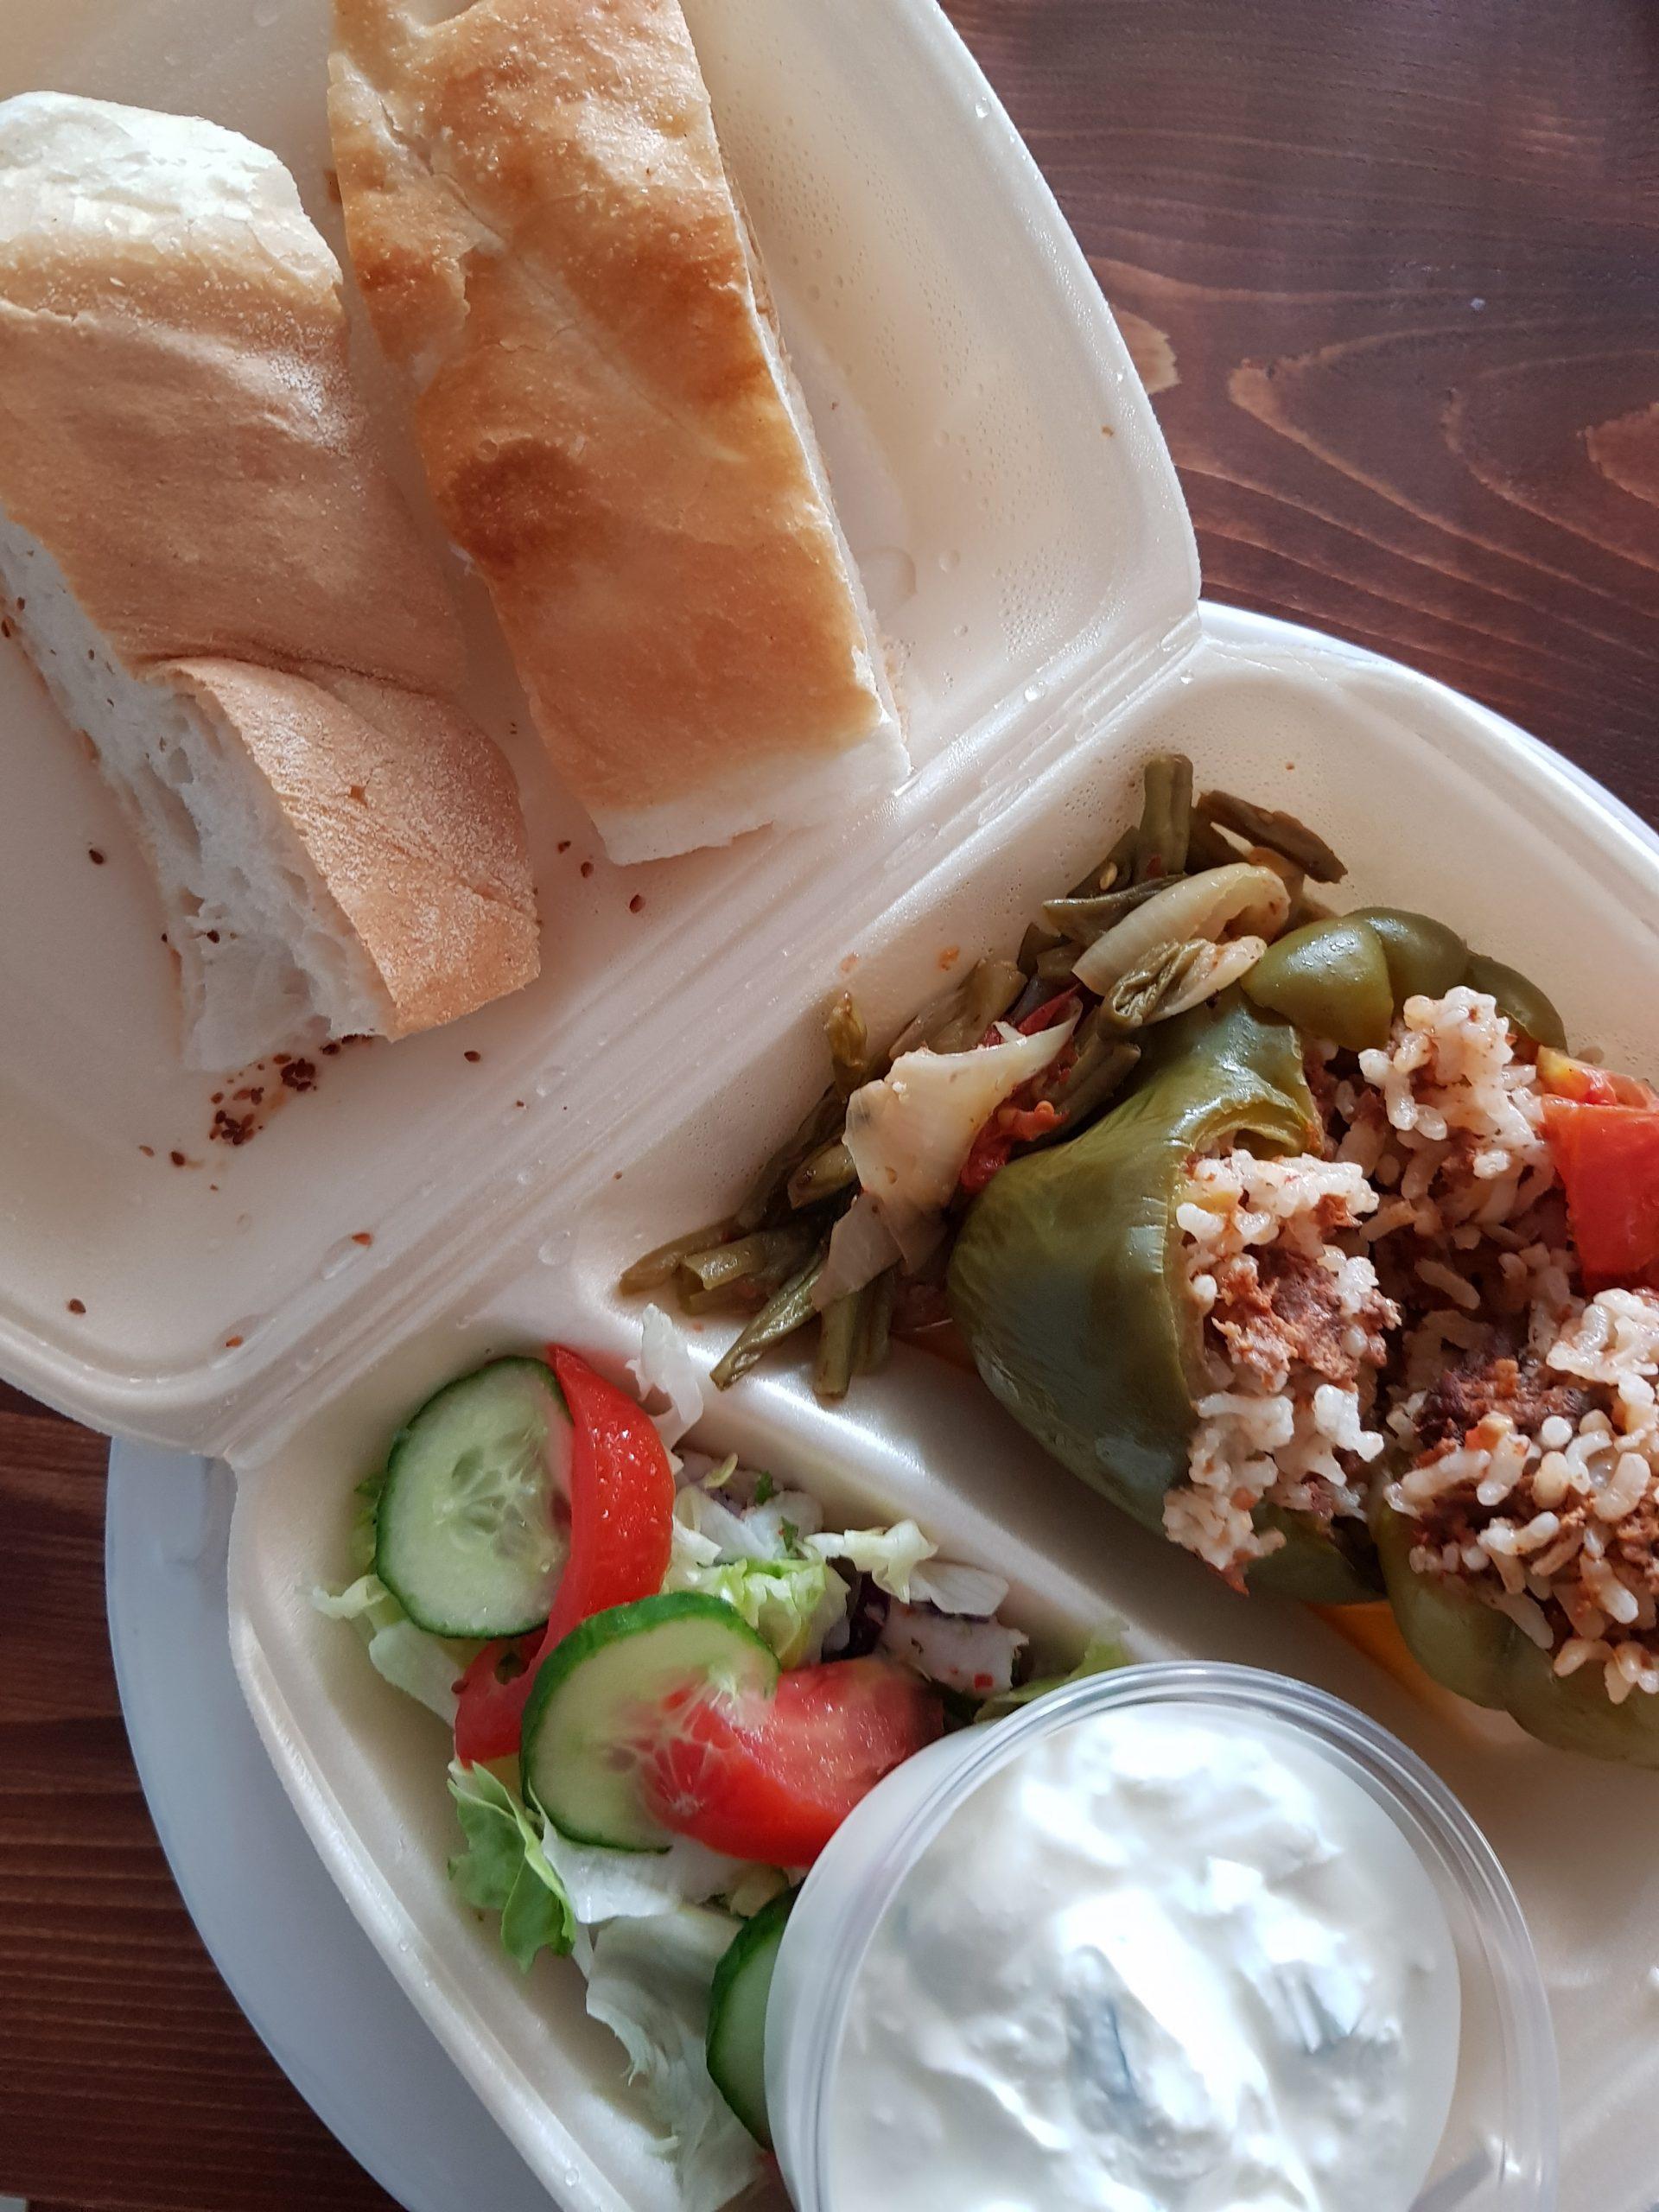 Noordereiland - Fadi's maaltijd - Eating Habits